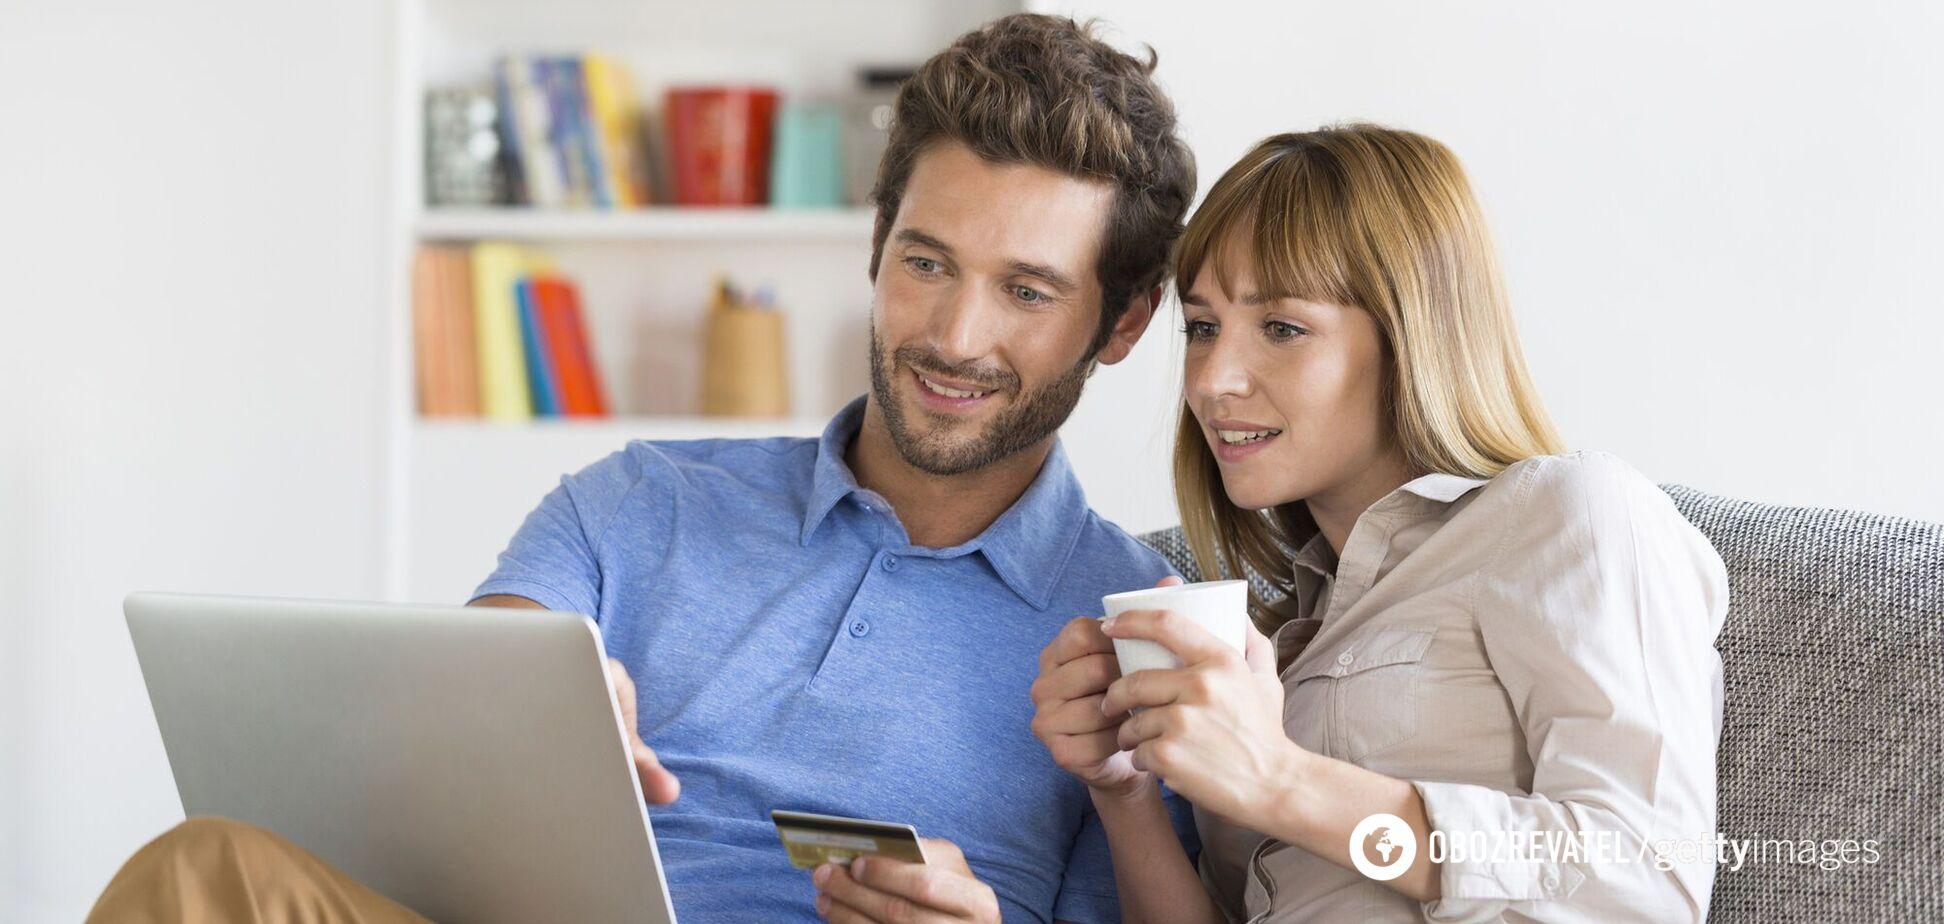 Онлайн-кредитування в Україні: інструкція з правильного використання